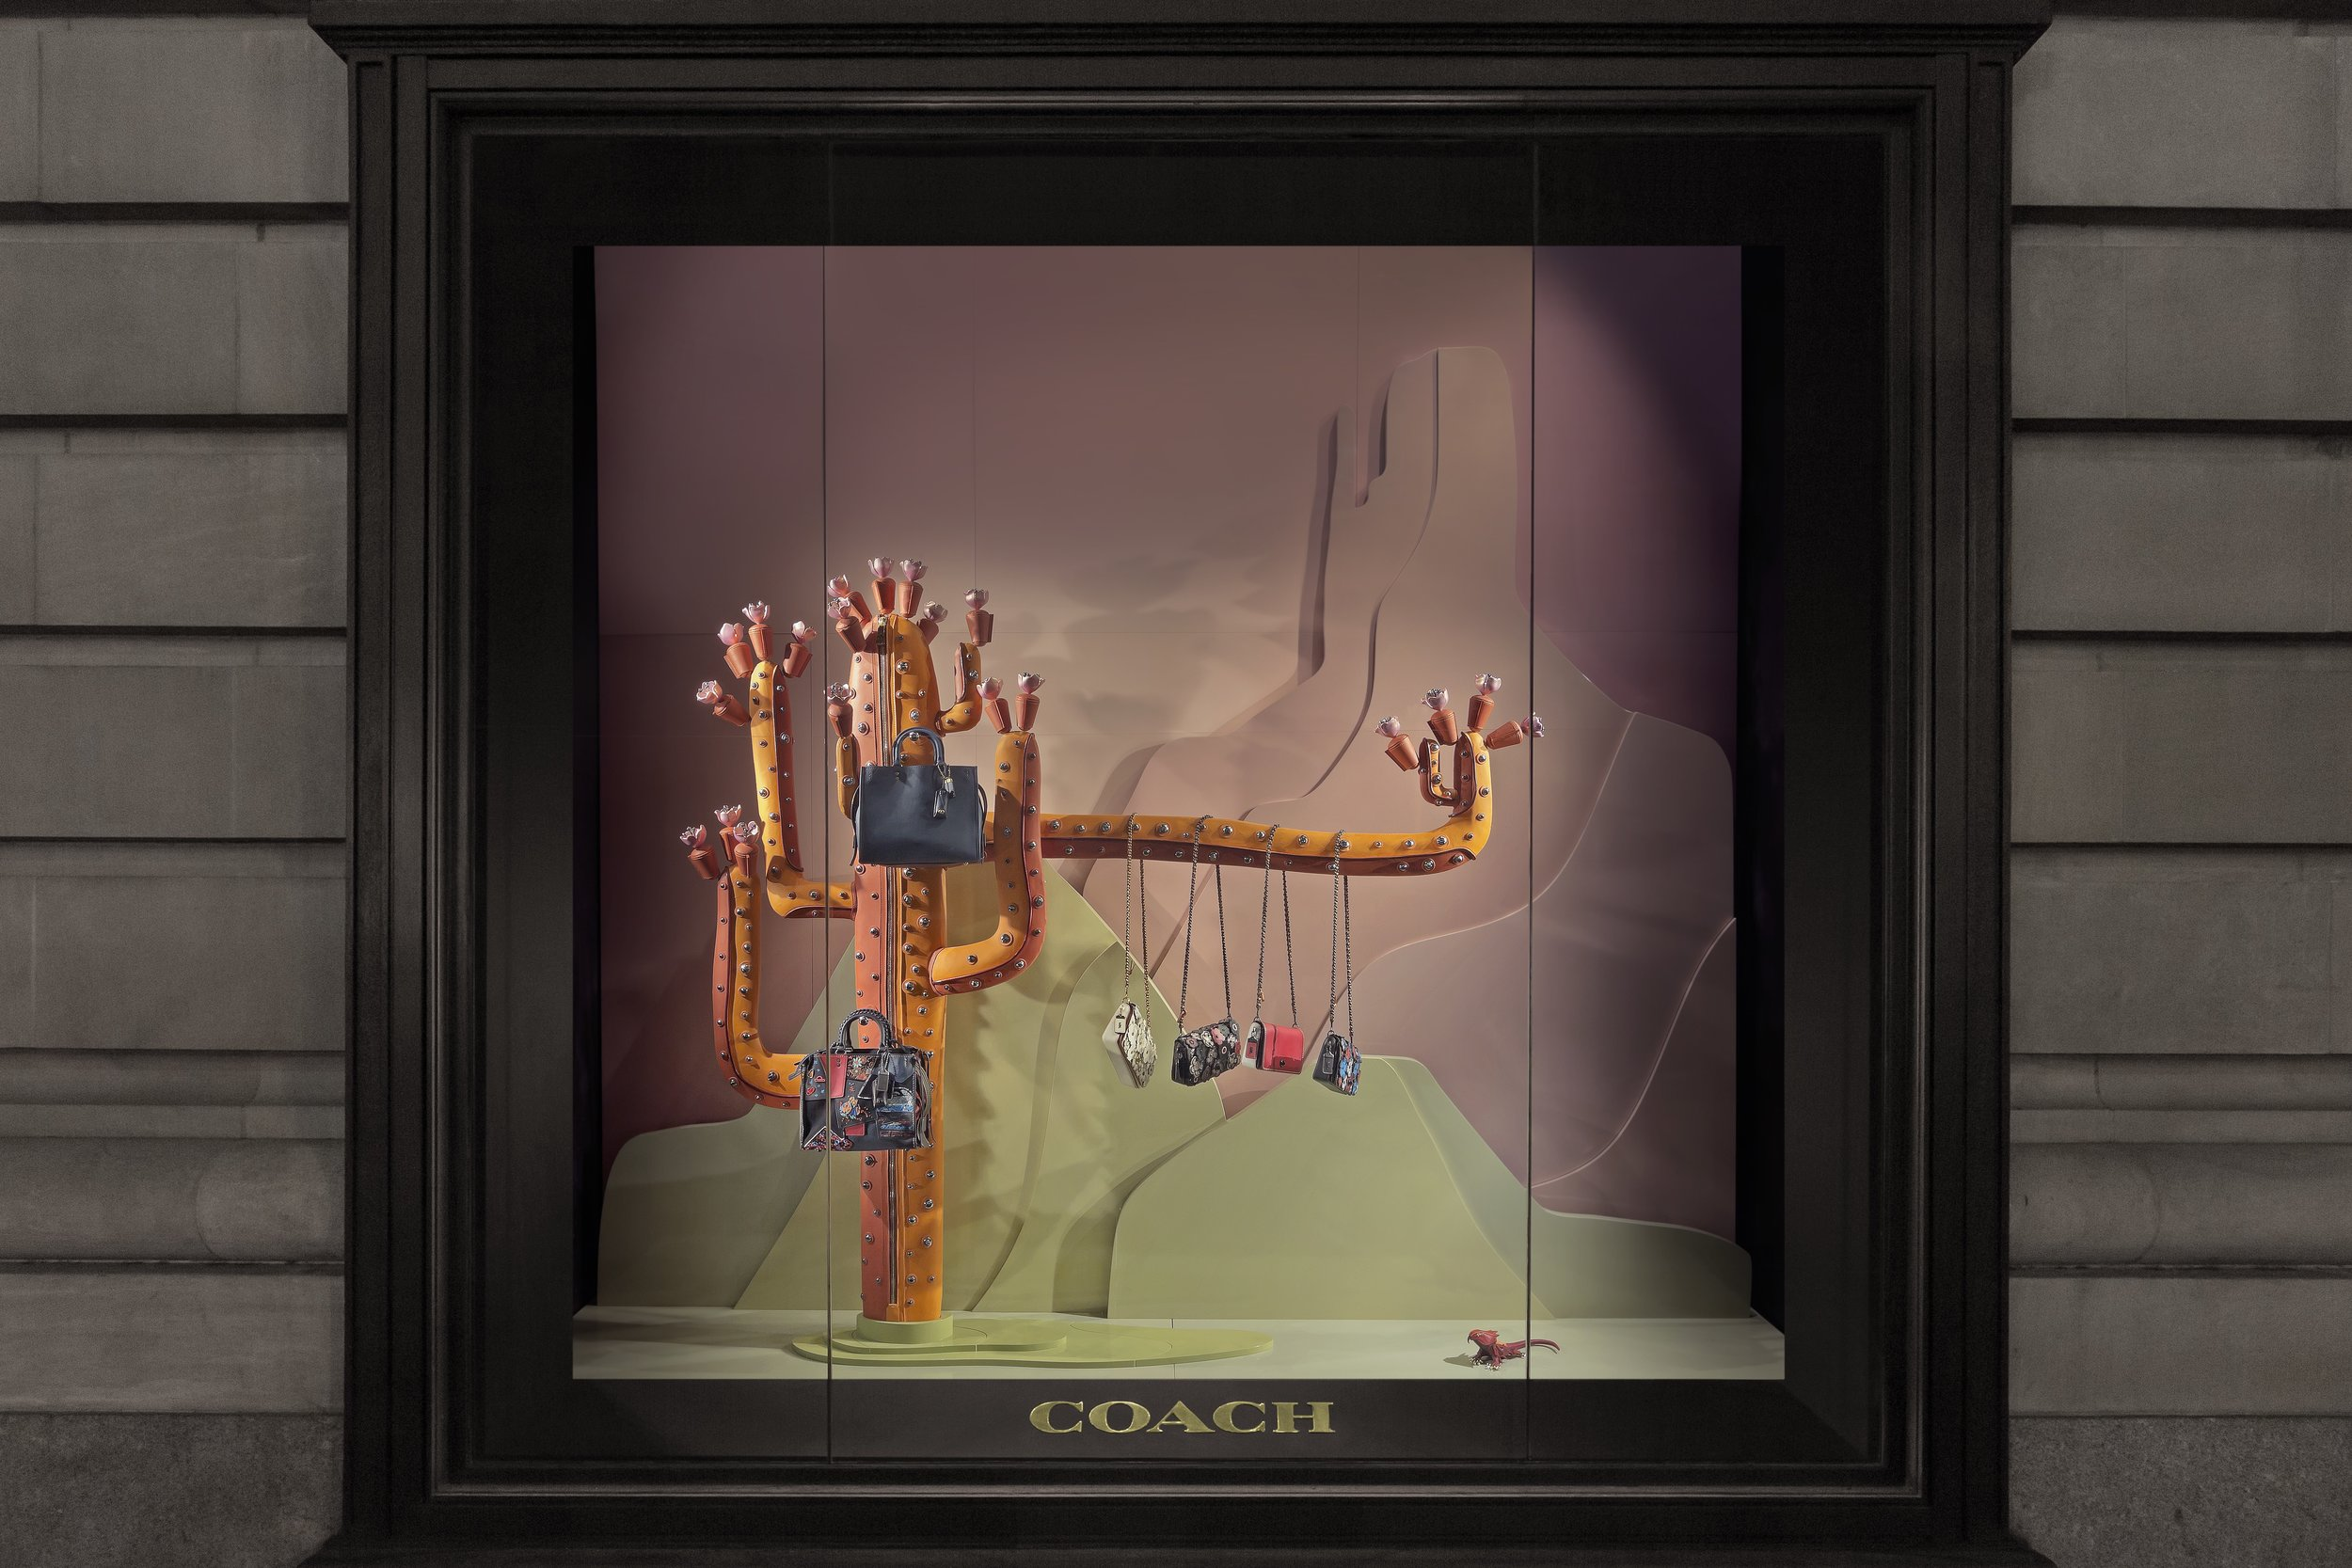 Coach - Cactus